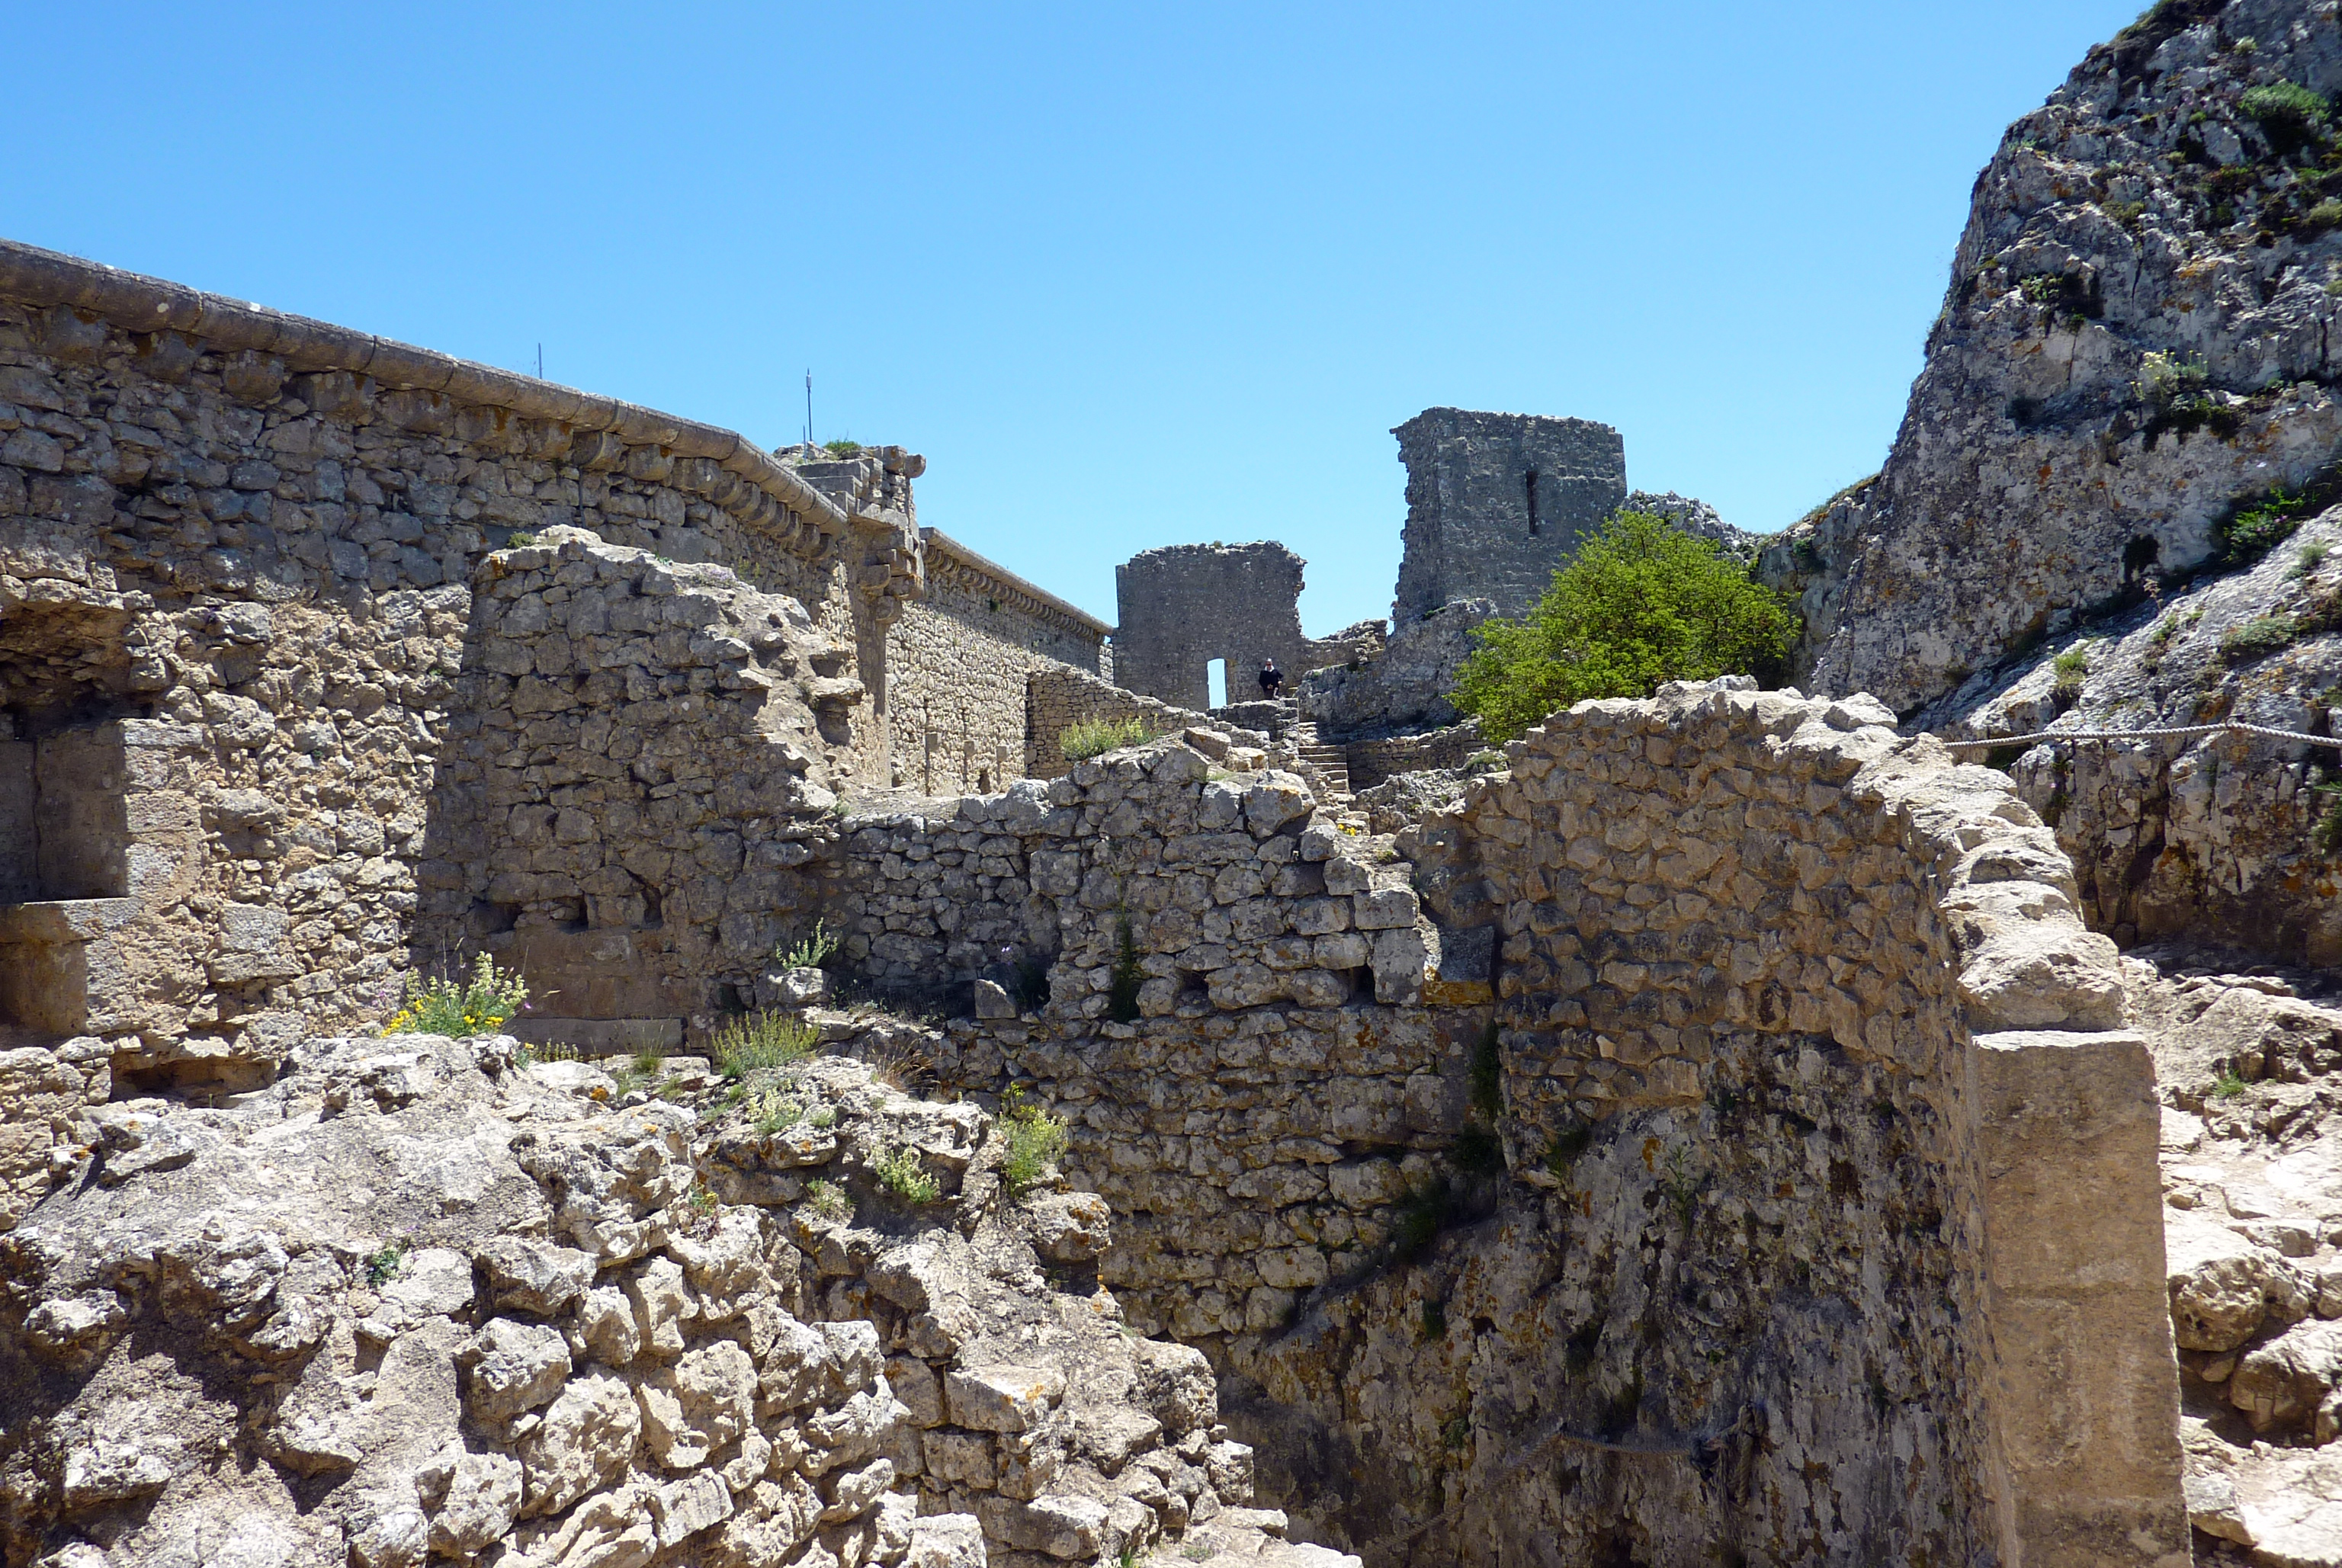 1019-chateau_de_peyrepertuse-duilhac-sous-peyrepertuse-aude.jpg